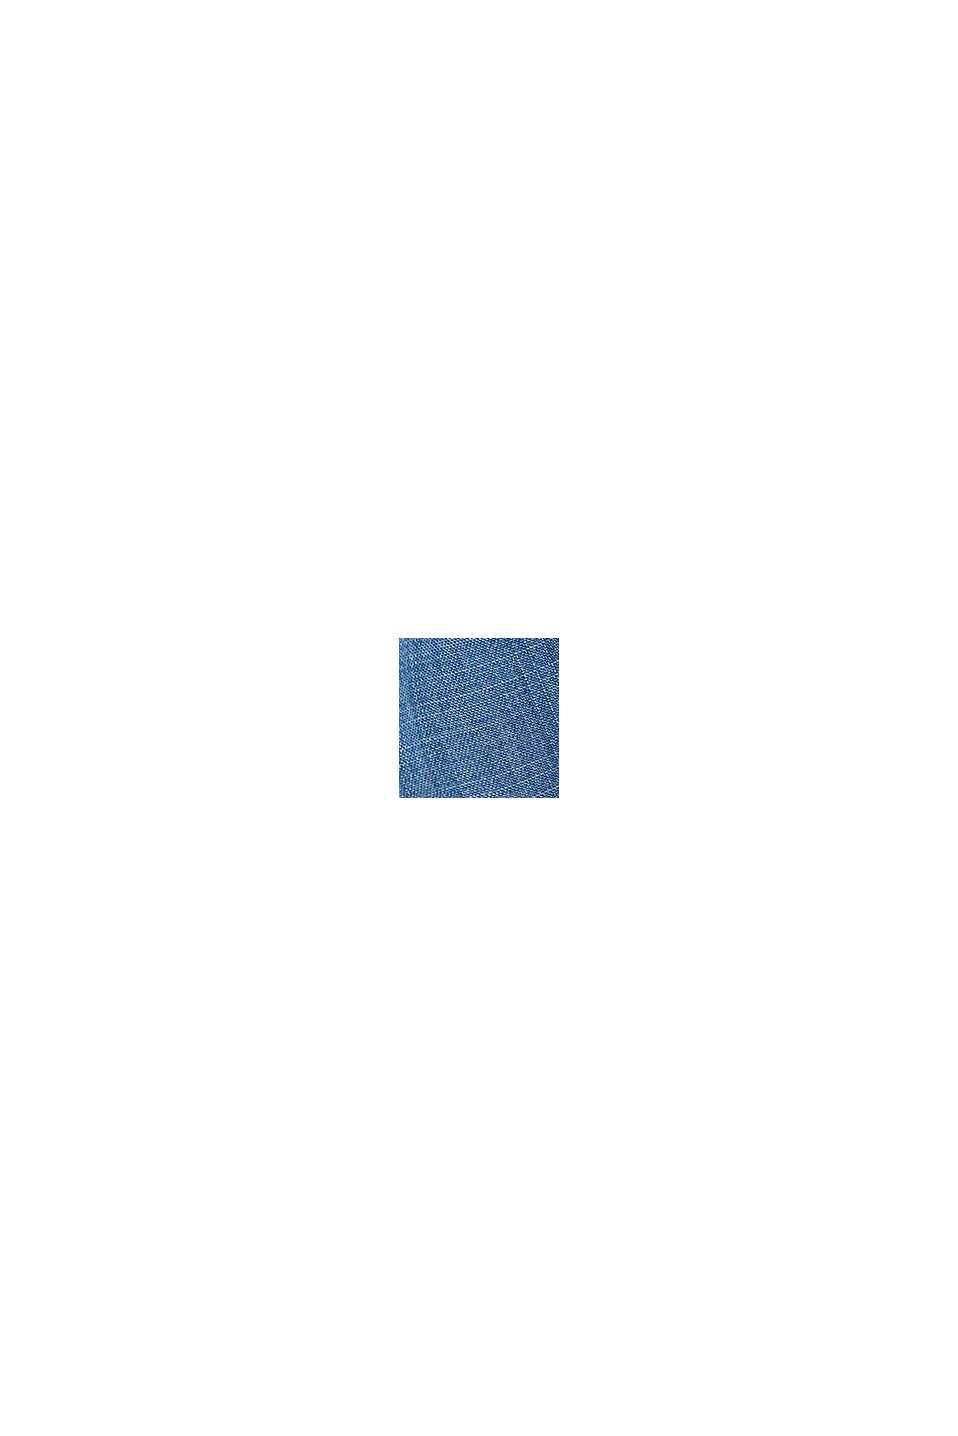 Pantalones jogging de tejido vaquero confeccionado en lyocell, BLUE MEDIUM WASHED, swatch